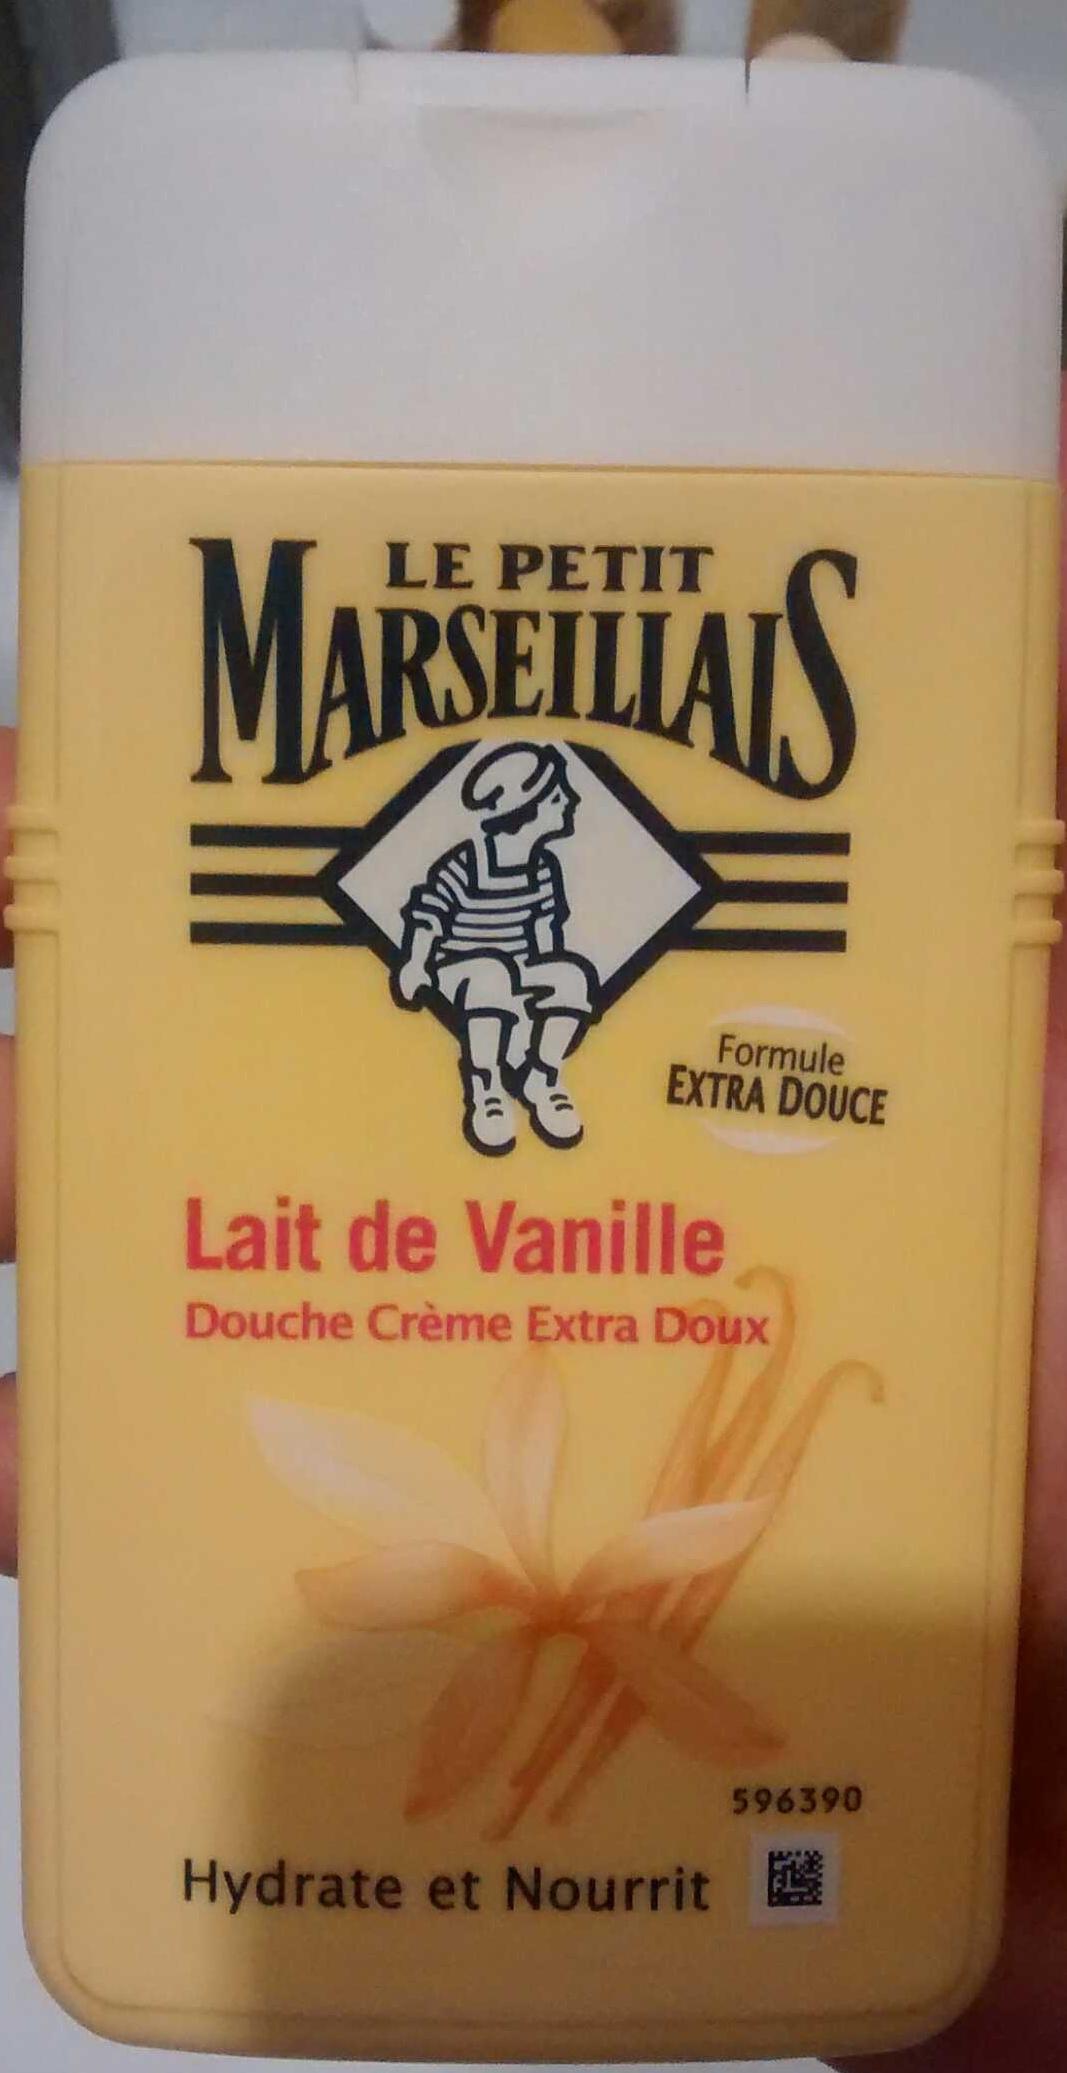 Douche crème extra doux Lait de Vanille - Product - fr